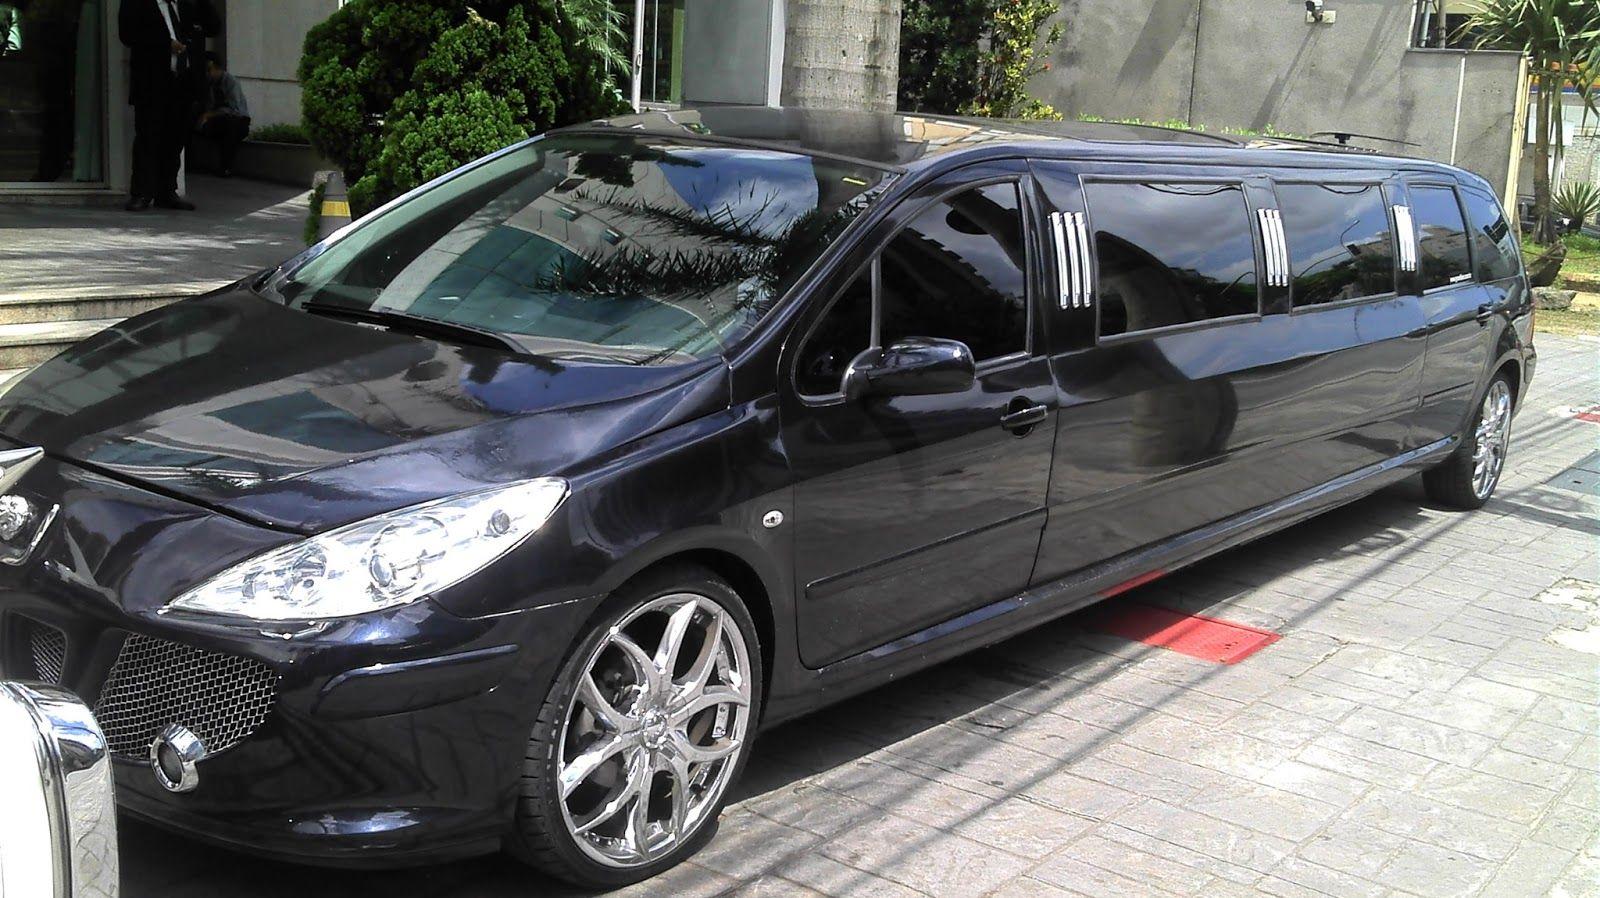 peugeot 307 sw limousine peugeot pinterest voitures. Black Bedroom Furniture Sets. Home Design Ideas